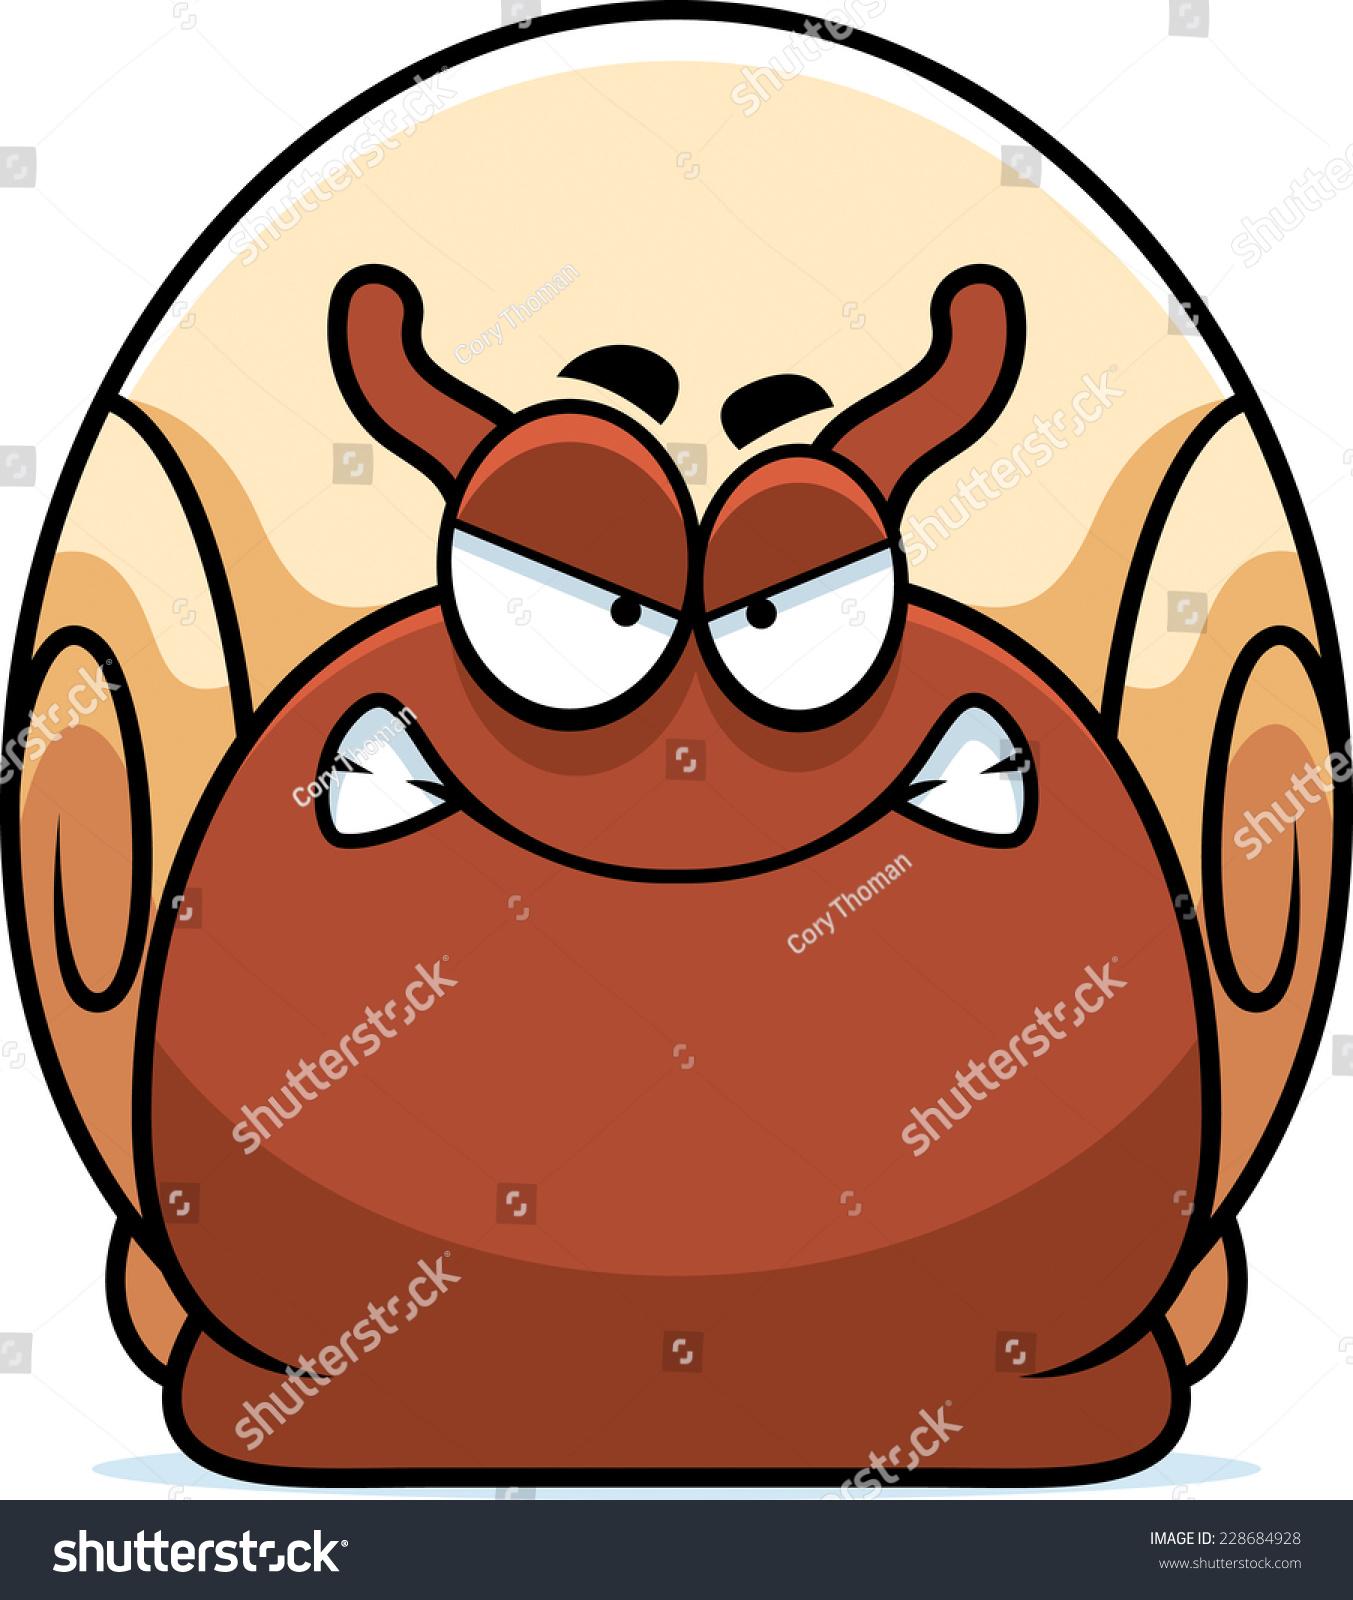 蜗牛的卡通插图看起来很生气